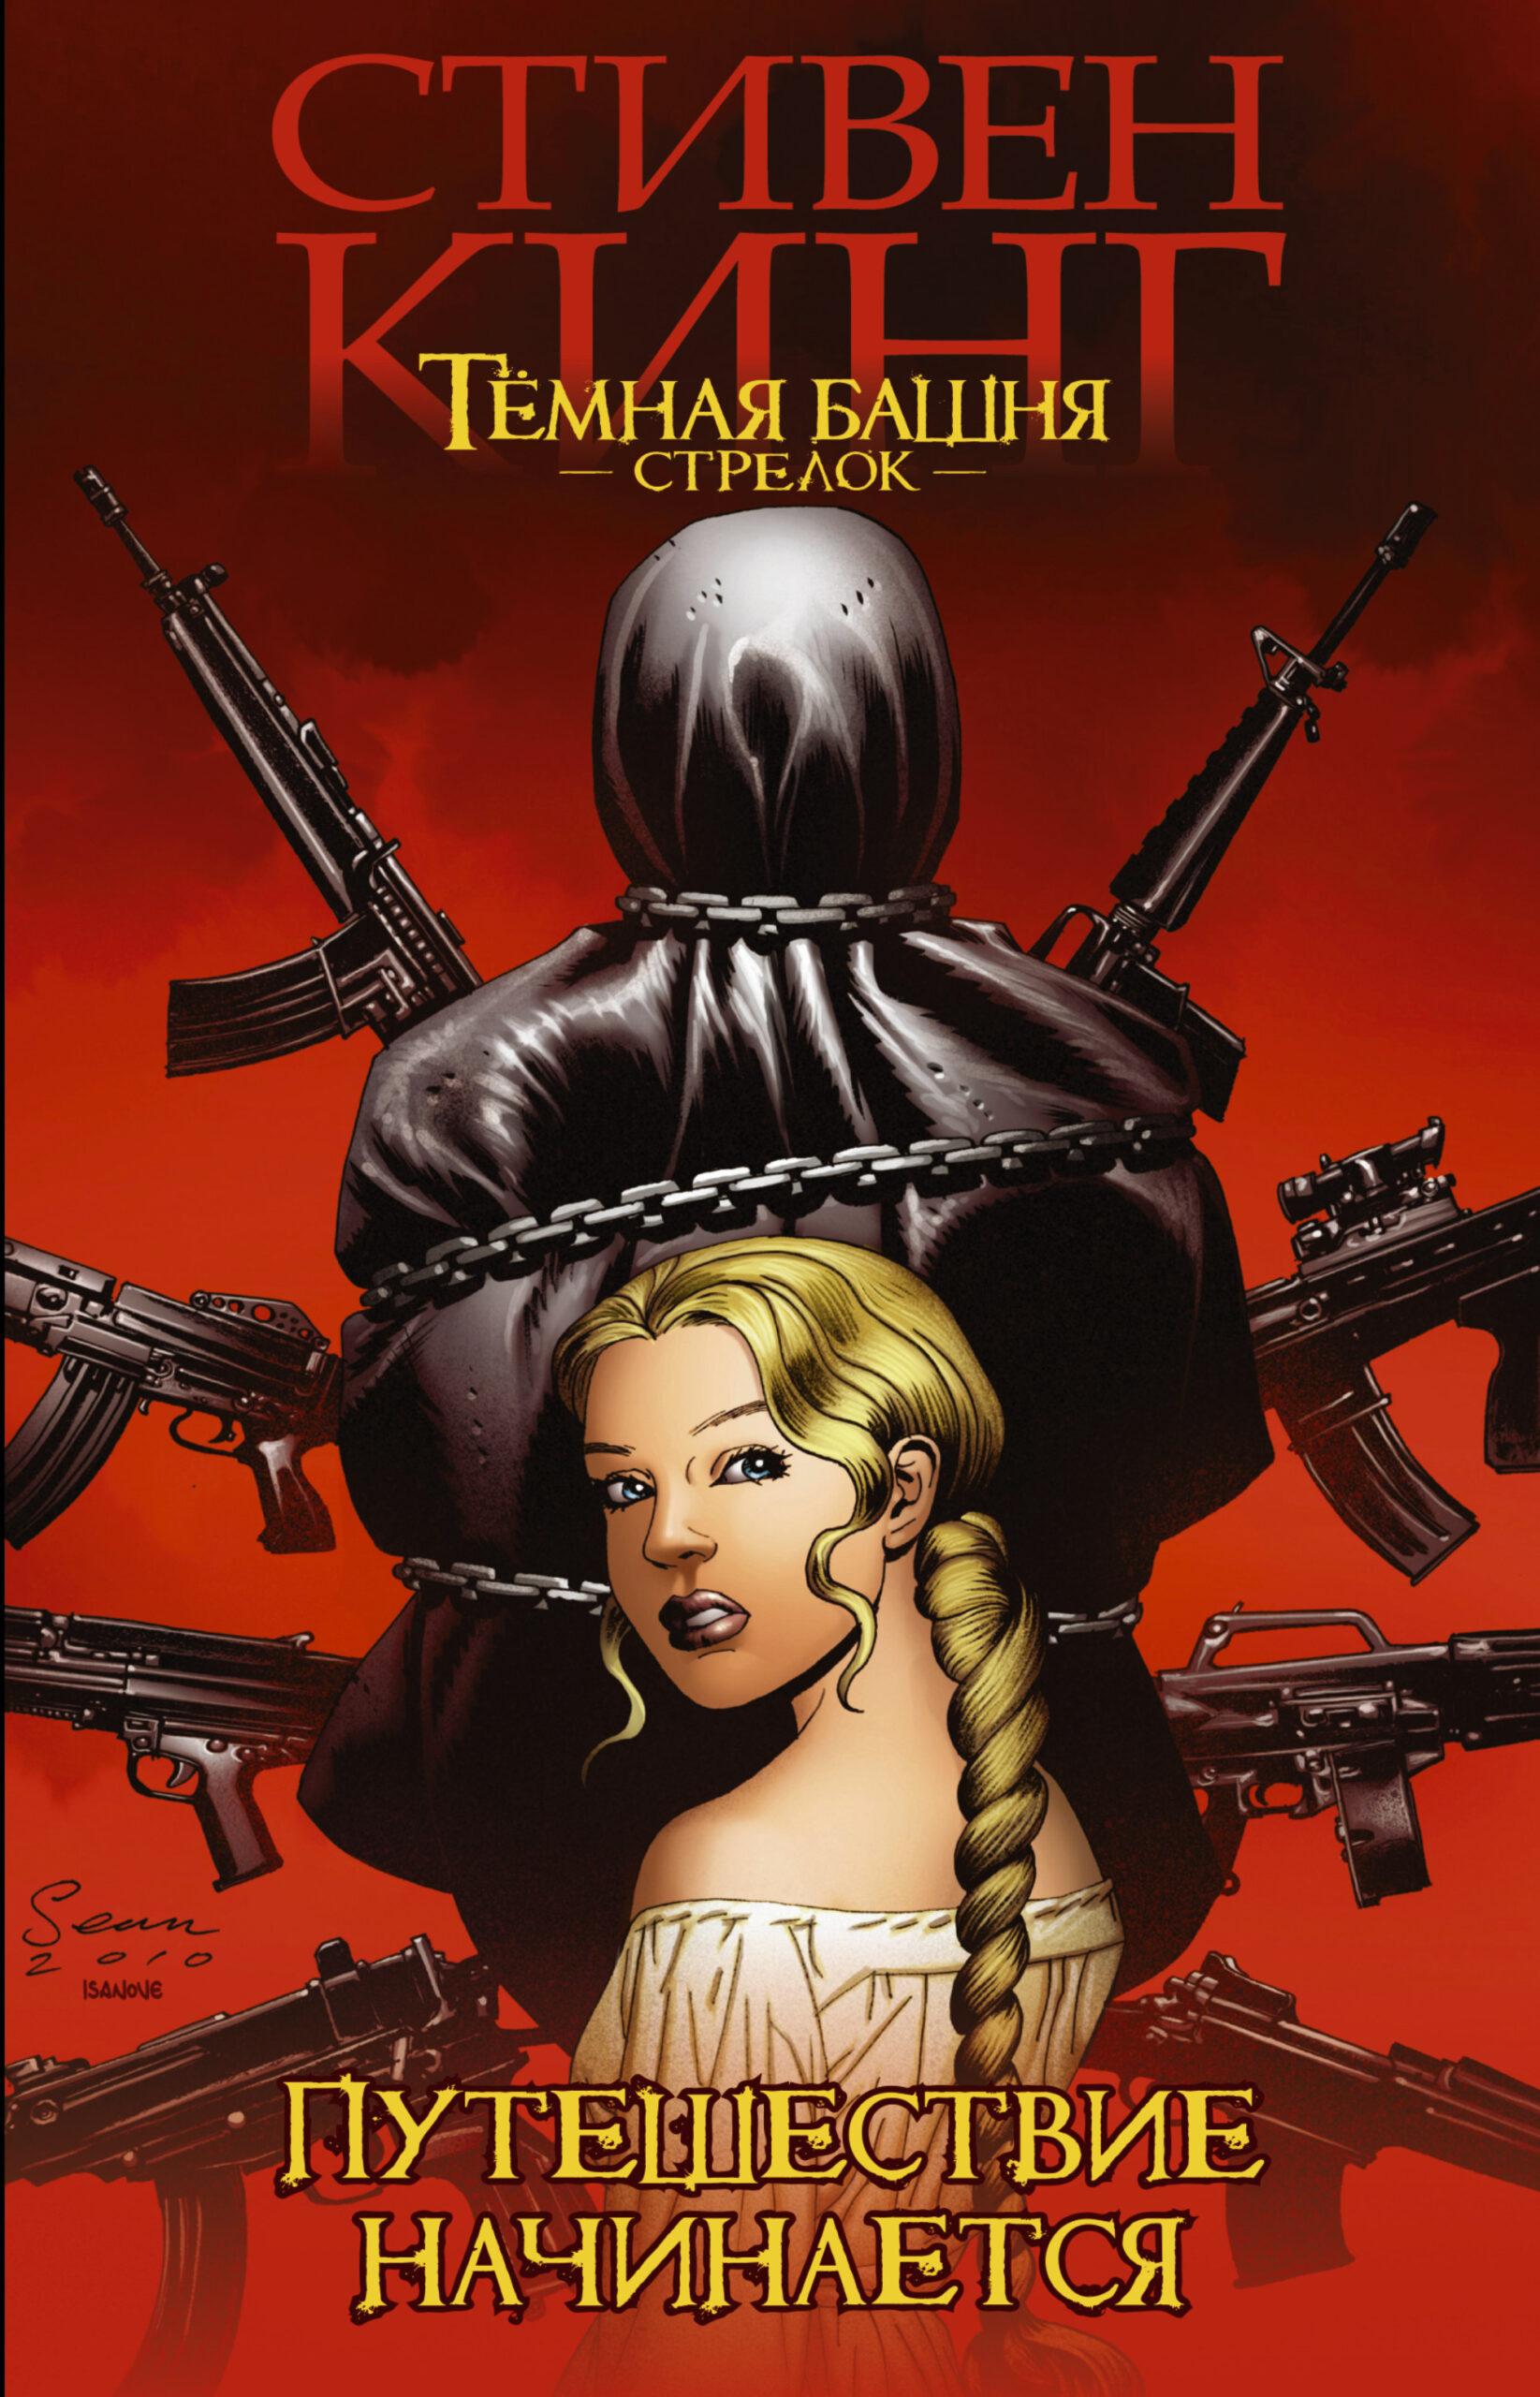 Комикс «Стивен Кинг. Темная Башня. Стрелок. Путешествие начинается» (2011)